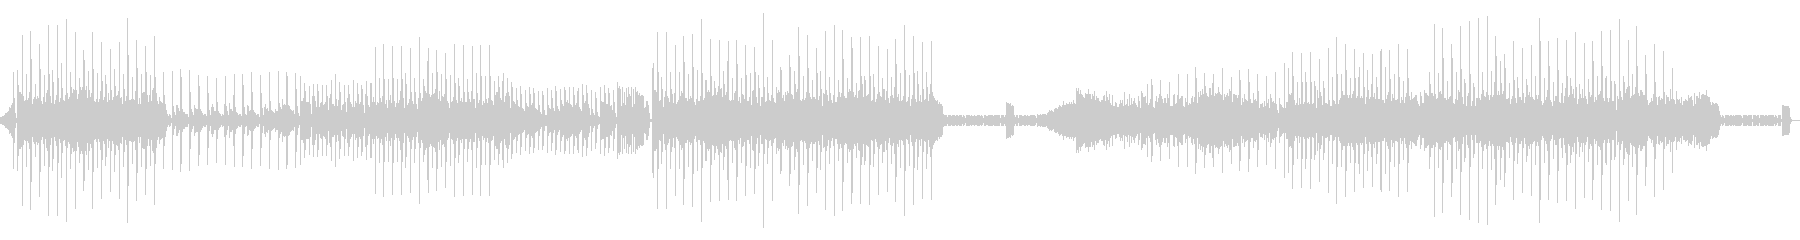 弾むリズムのディスコミュージックの未再生の波形